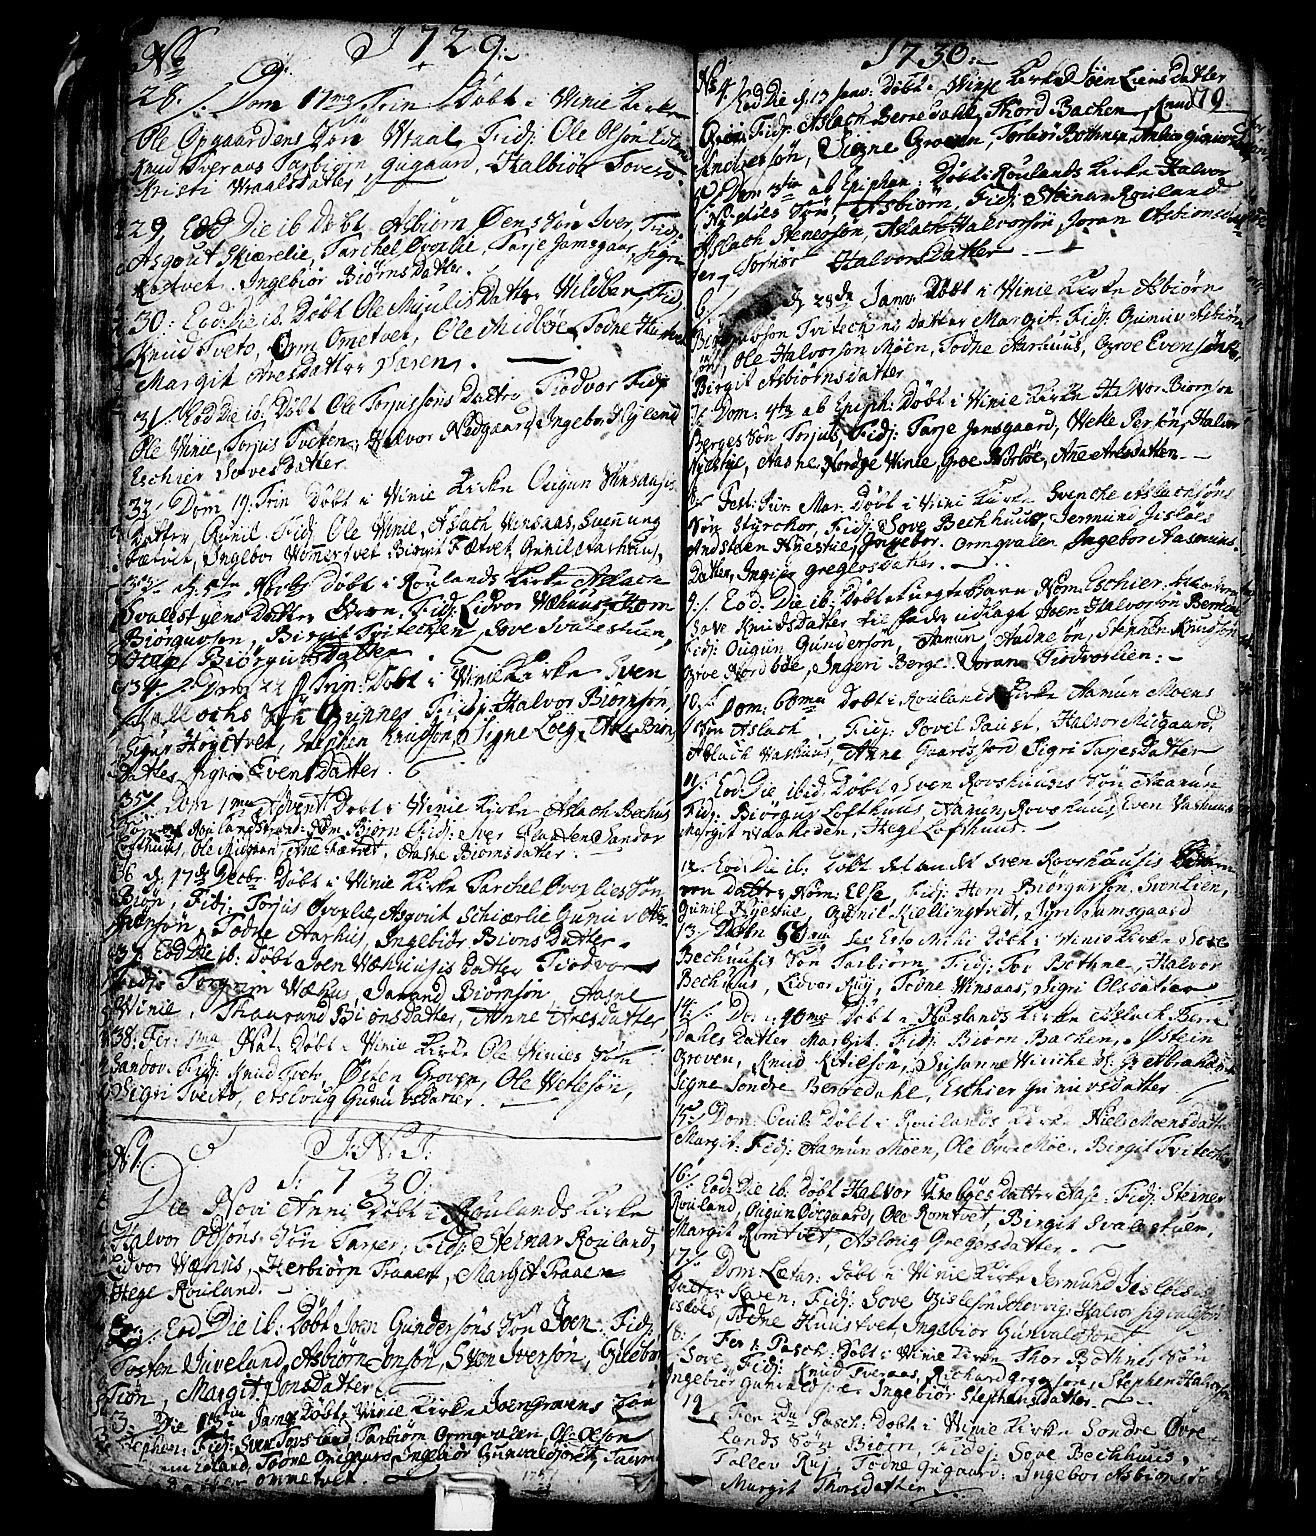 SAKO, Vinje kirkebøker, F/Fa/L0001: Ministerialbok nr. I 1, 1717-1766, s. 79